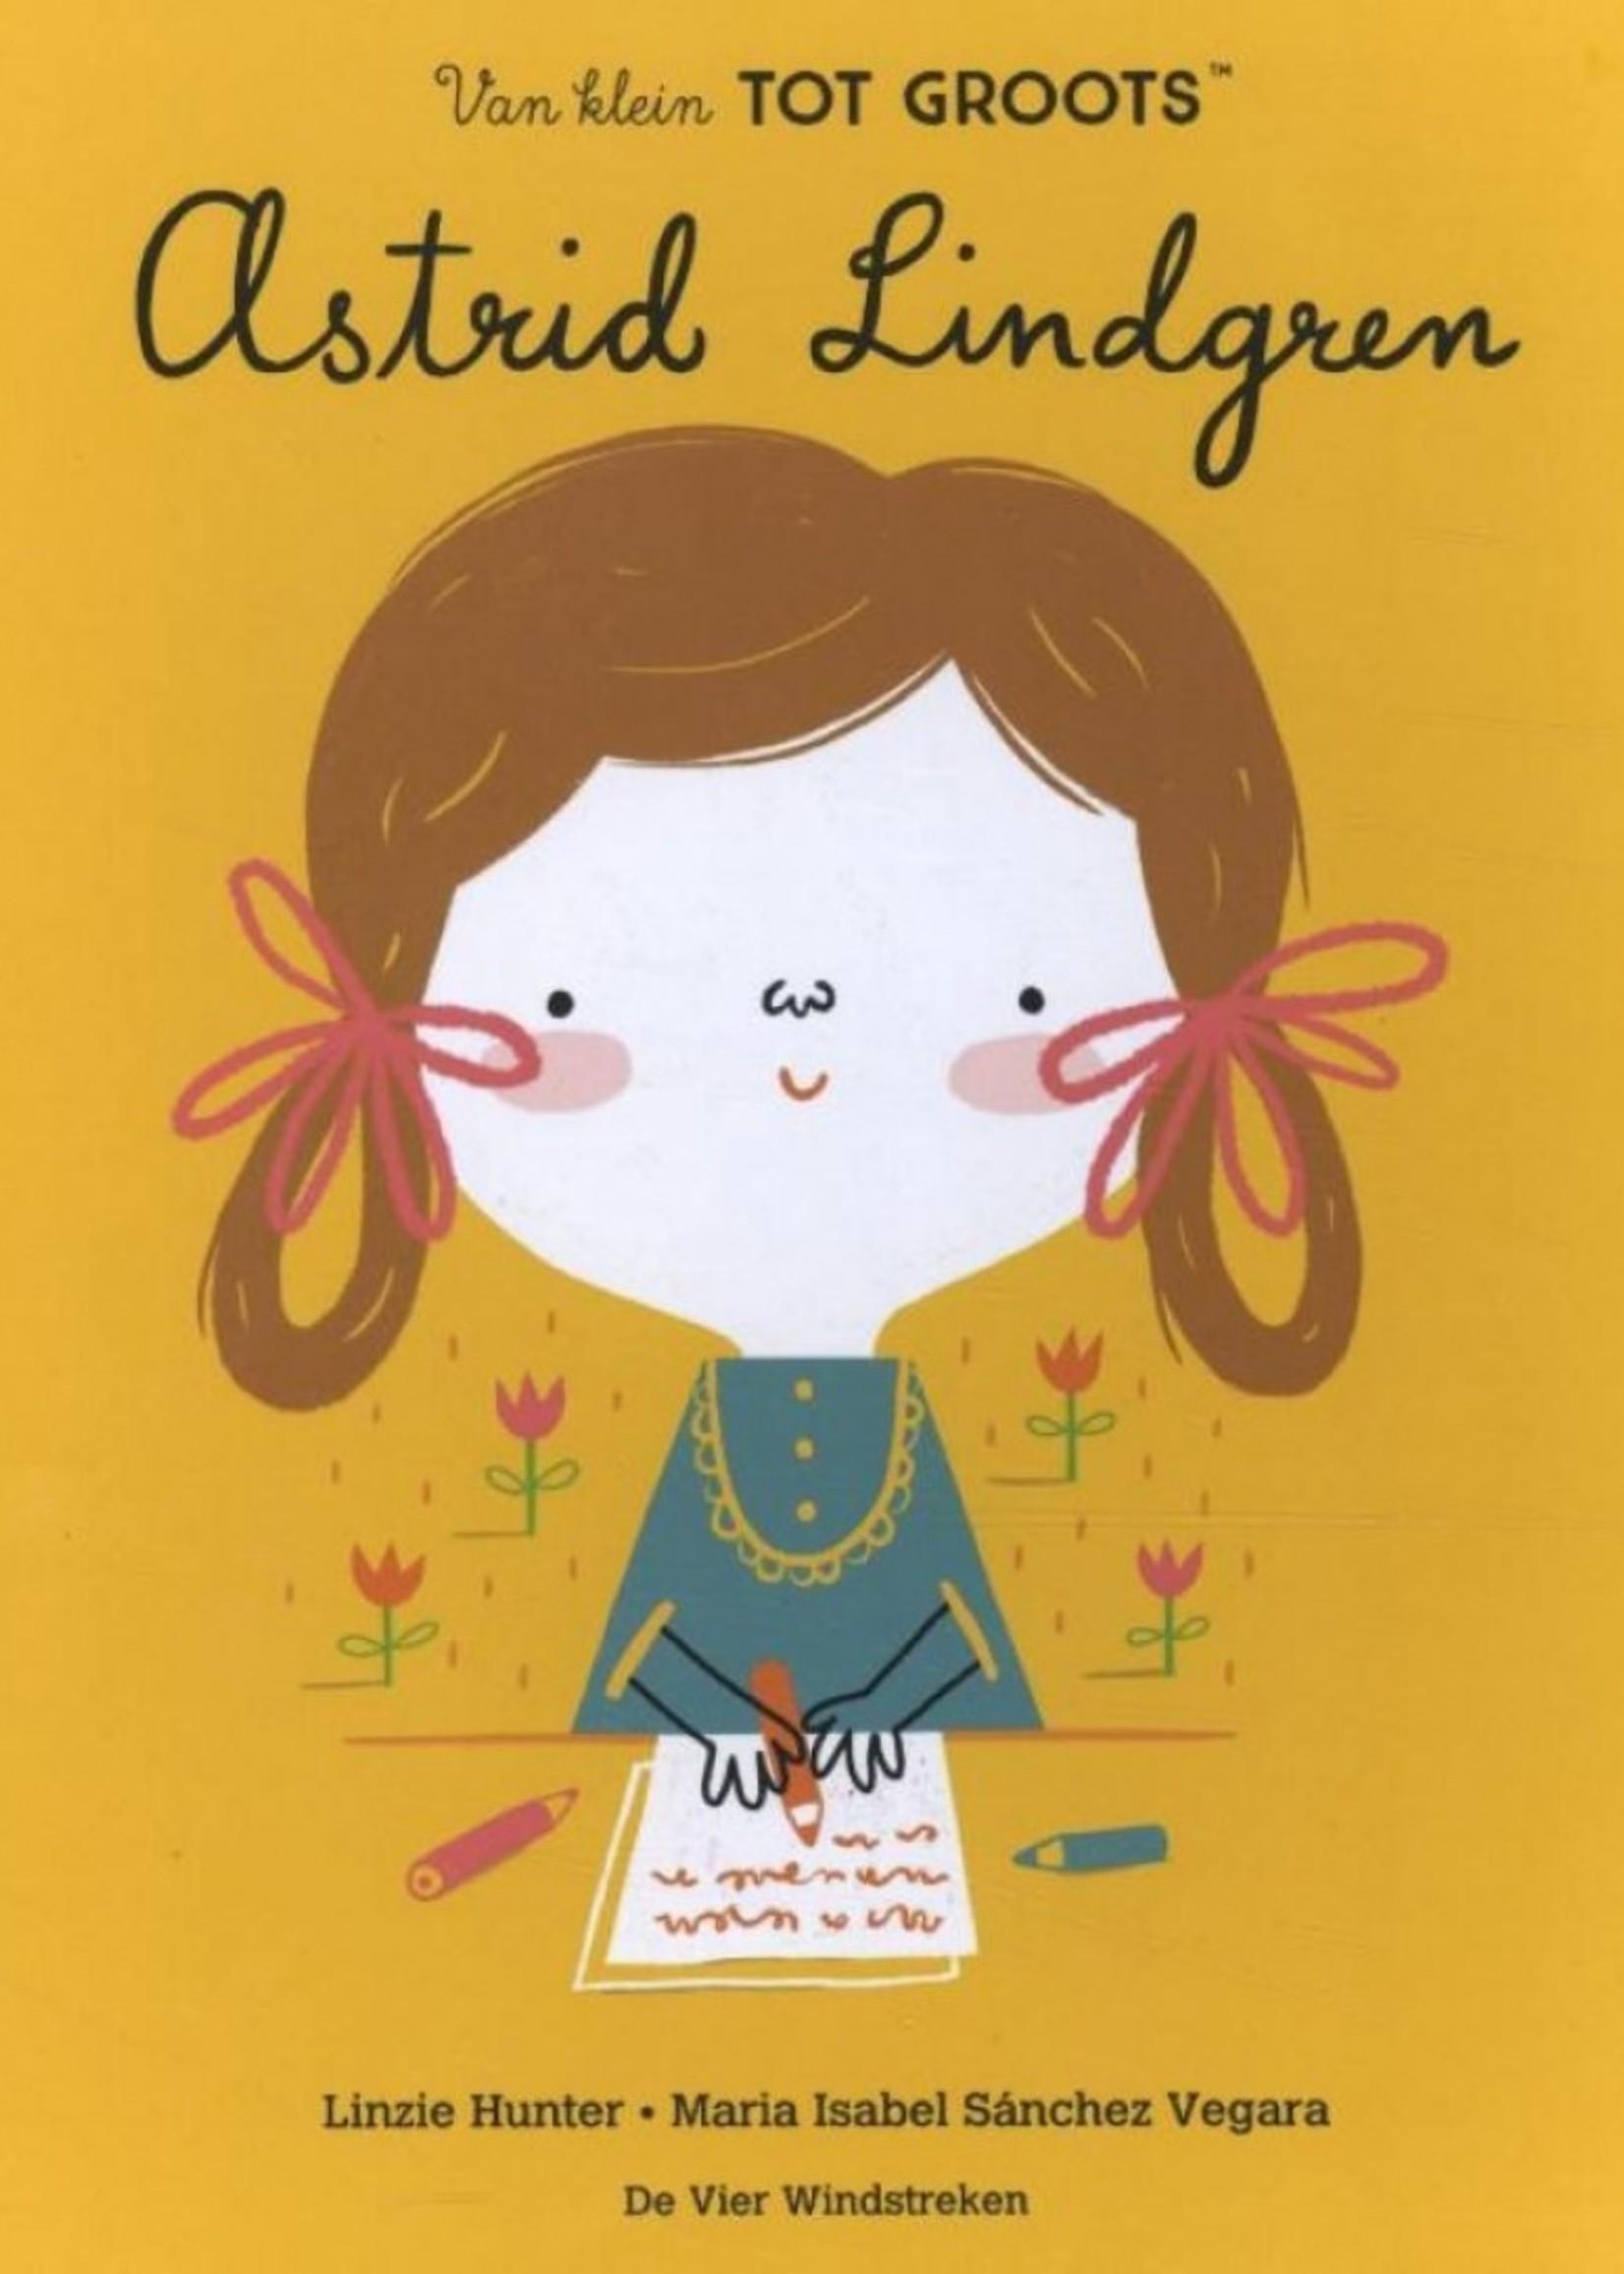 Boek - Van klein tot groots : Astrid Lindgren